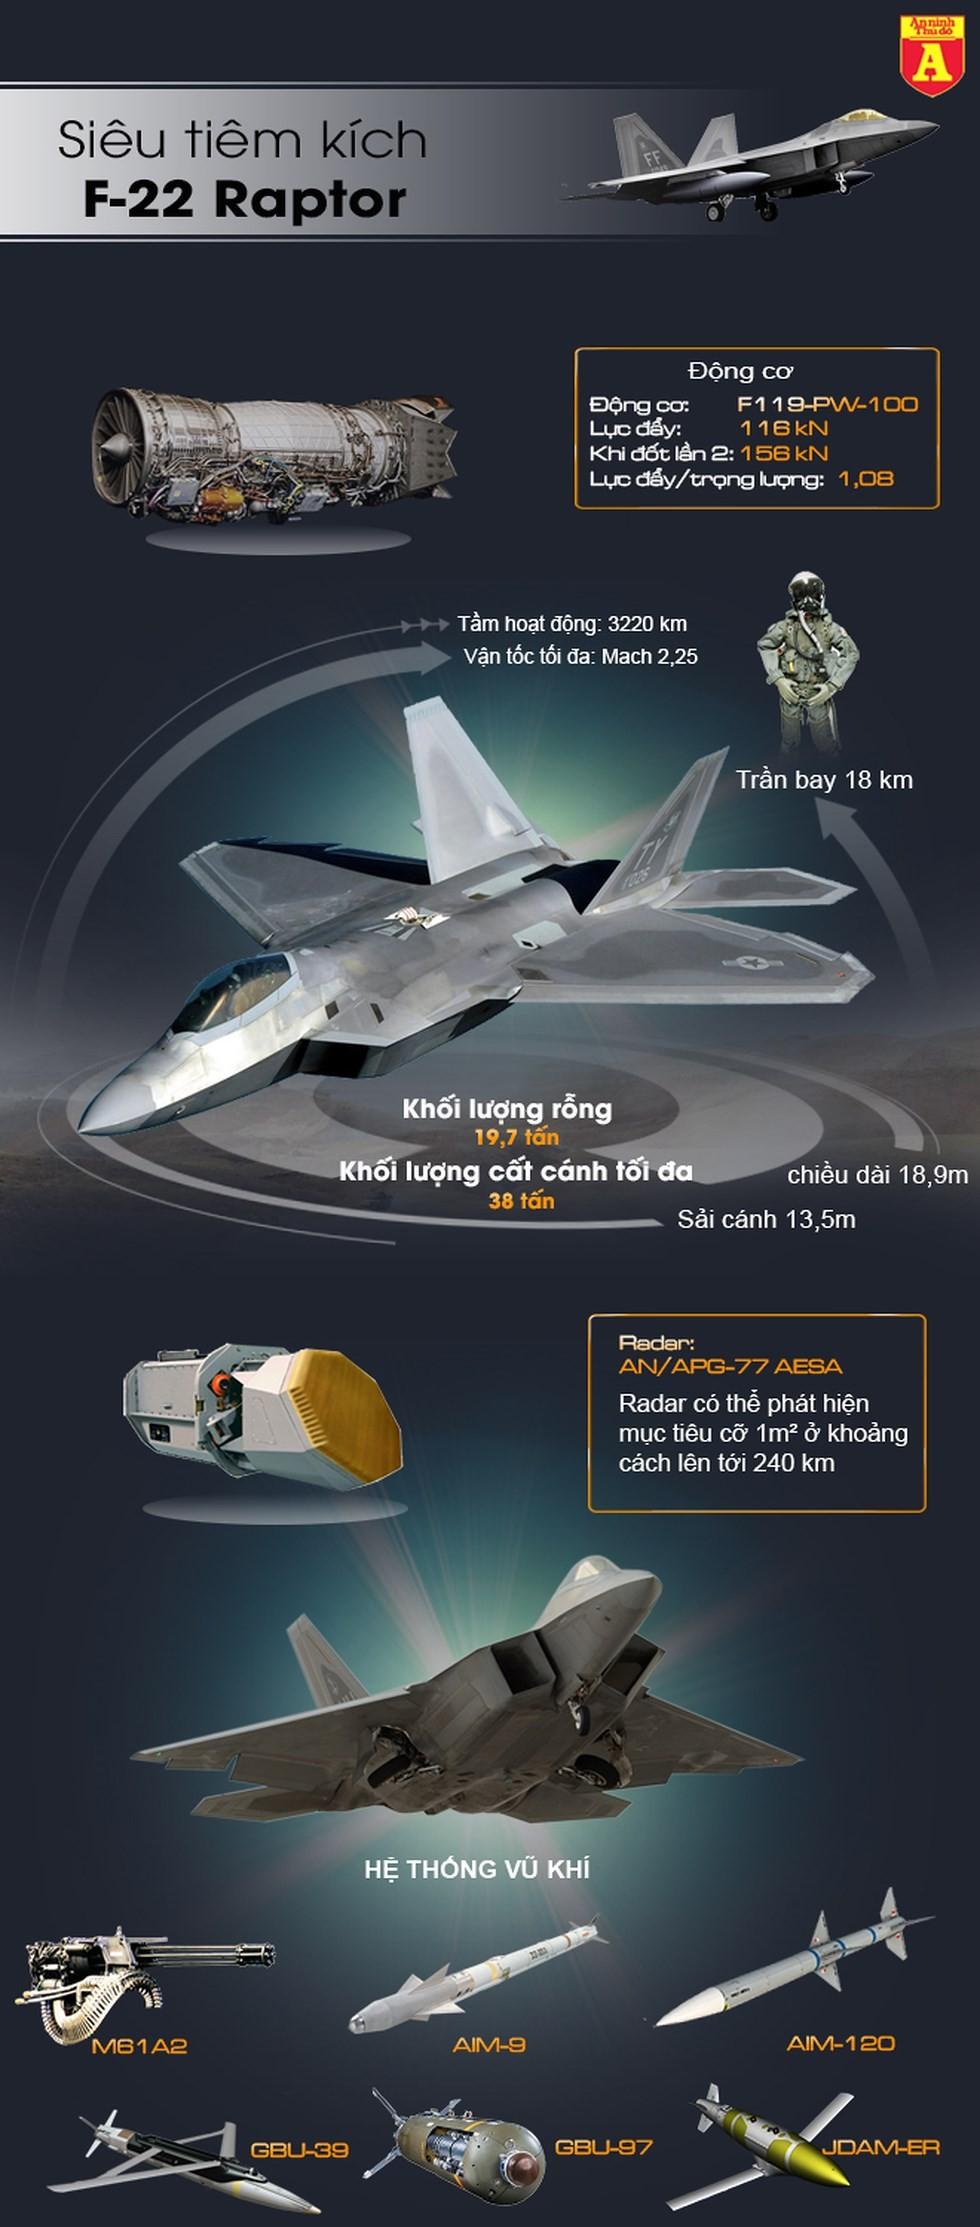 [Info] 4 chiếc F-22 Mỹ lao lên chặn 4 oanh tạc cơ Tu-95 Nga ảnh 2